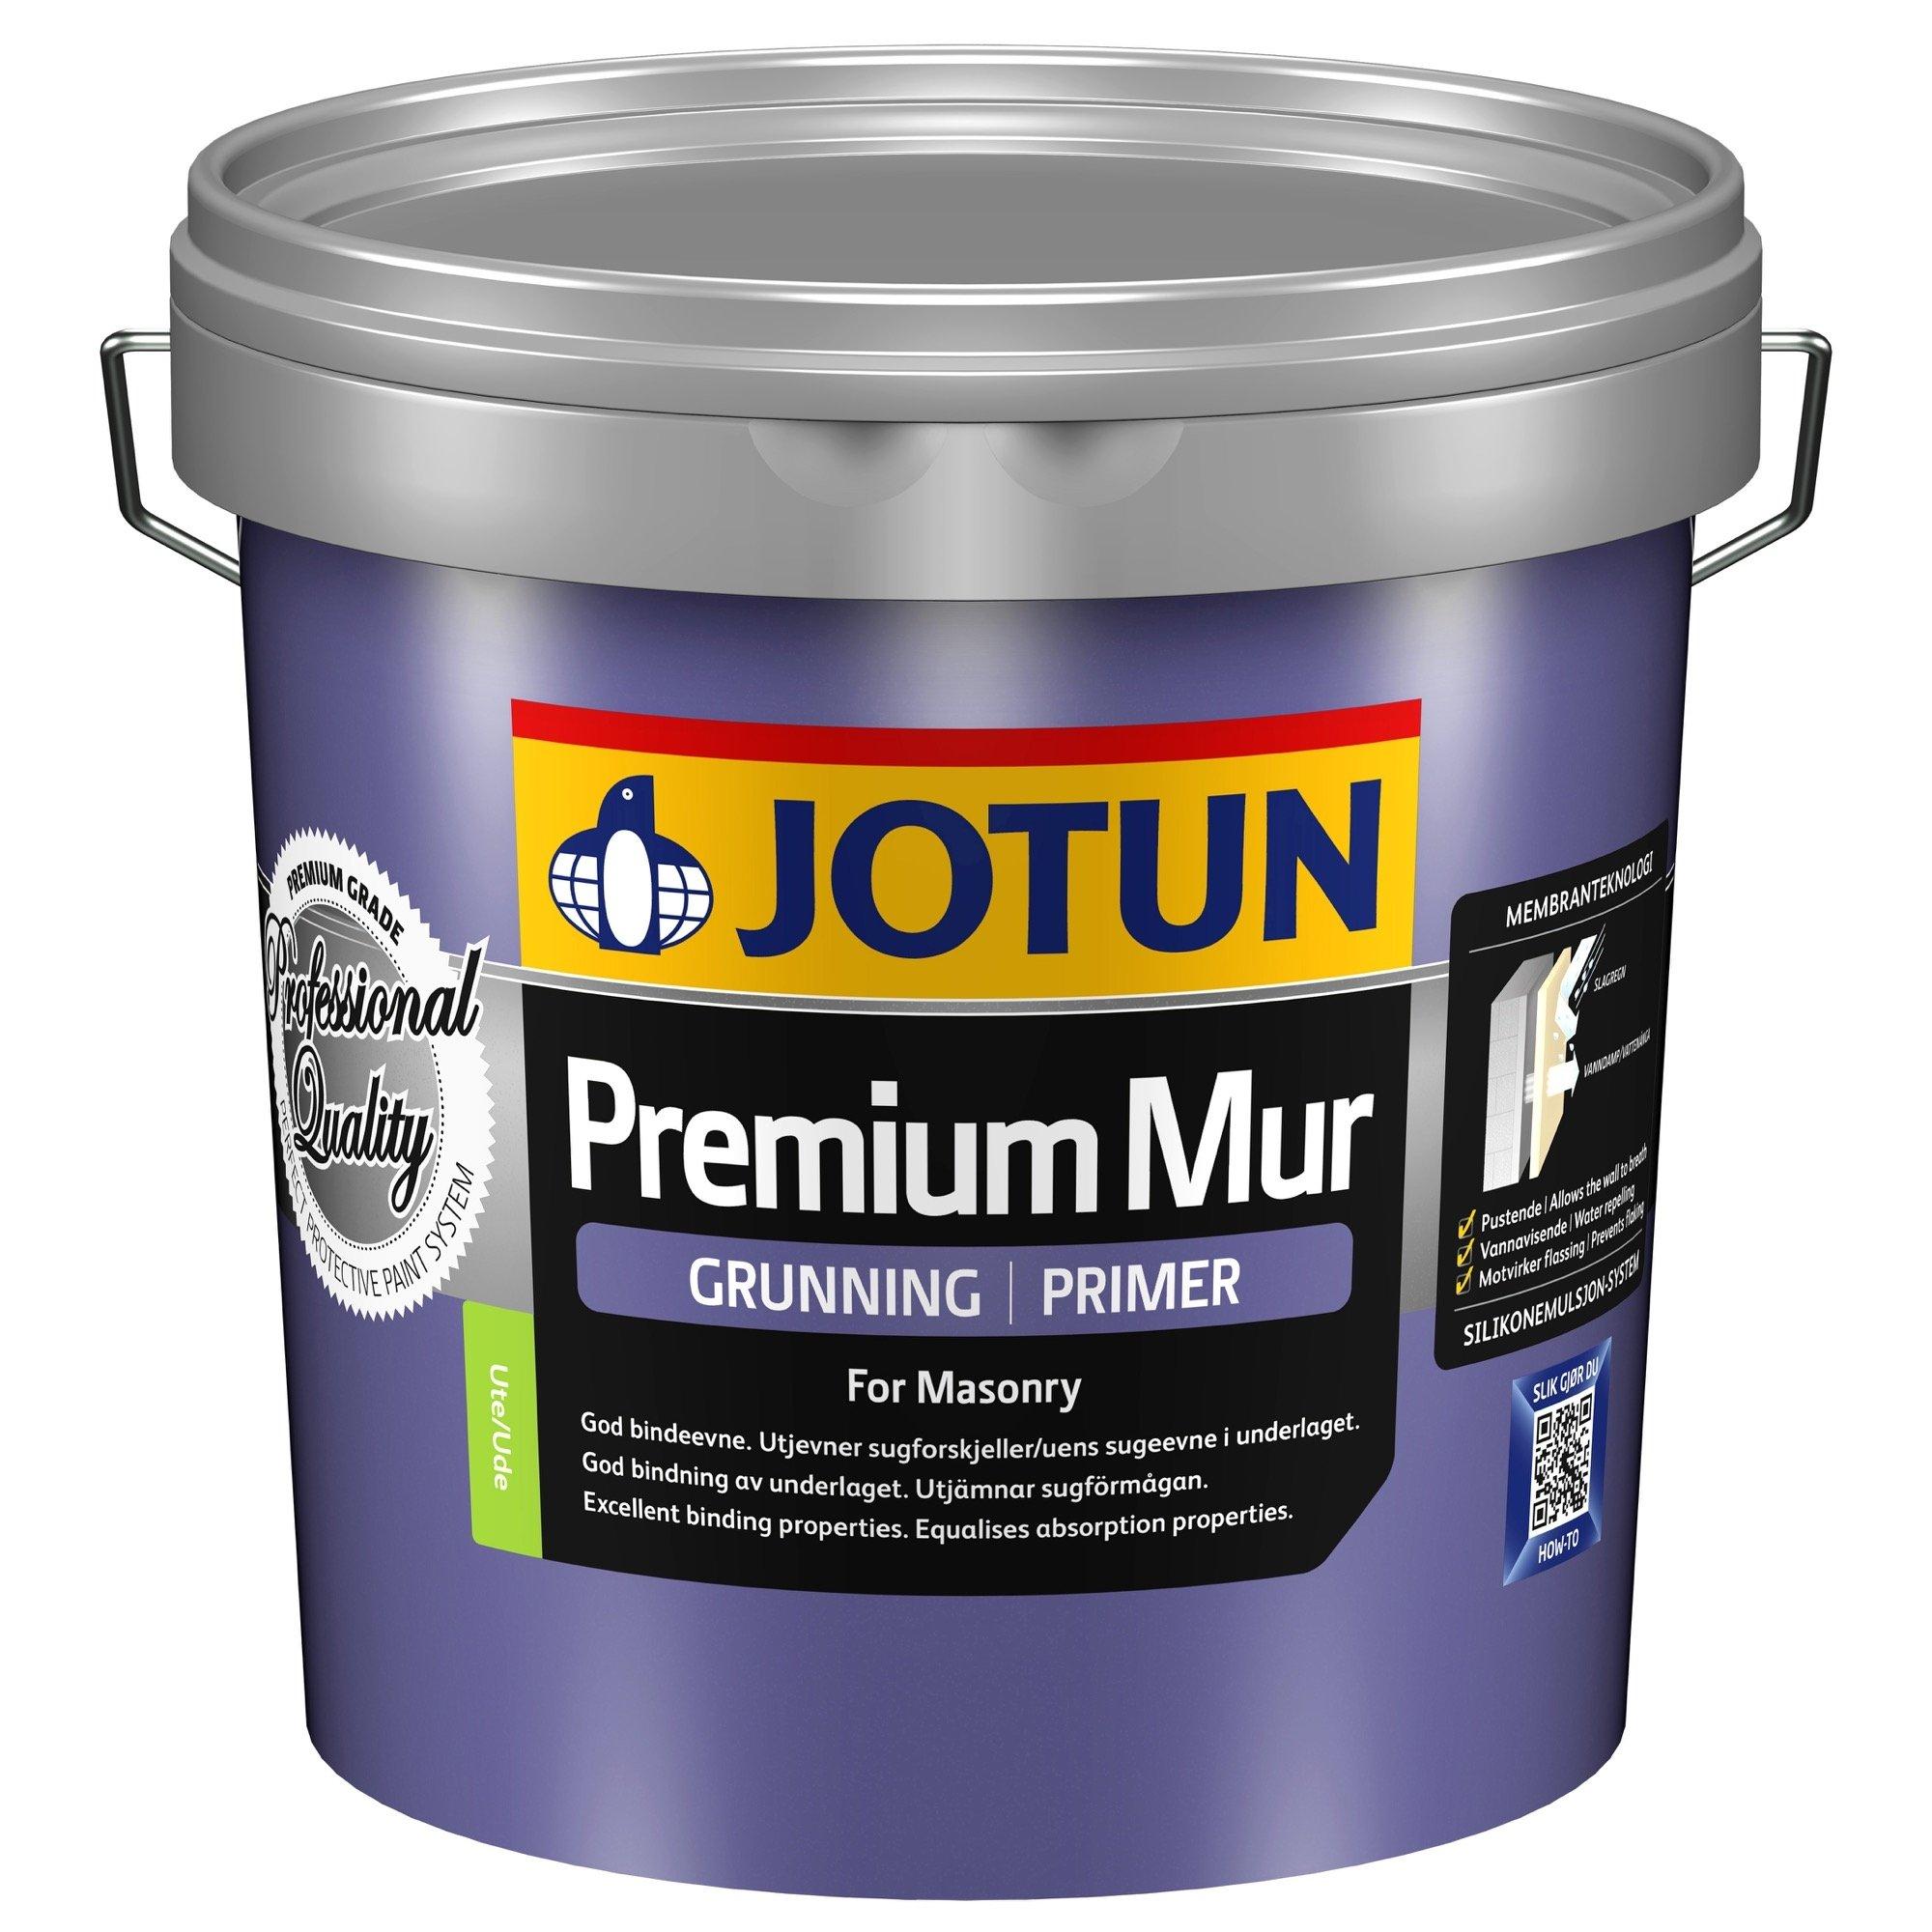 Jotun Premium Mur Silikonemulsjon Grunder